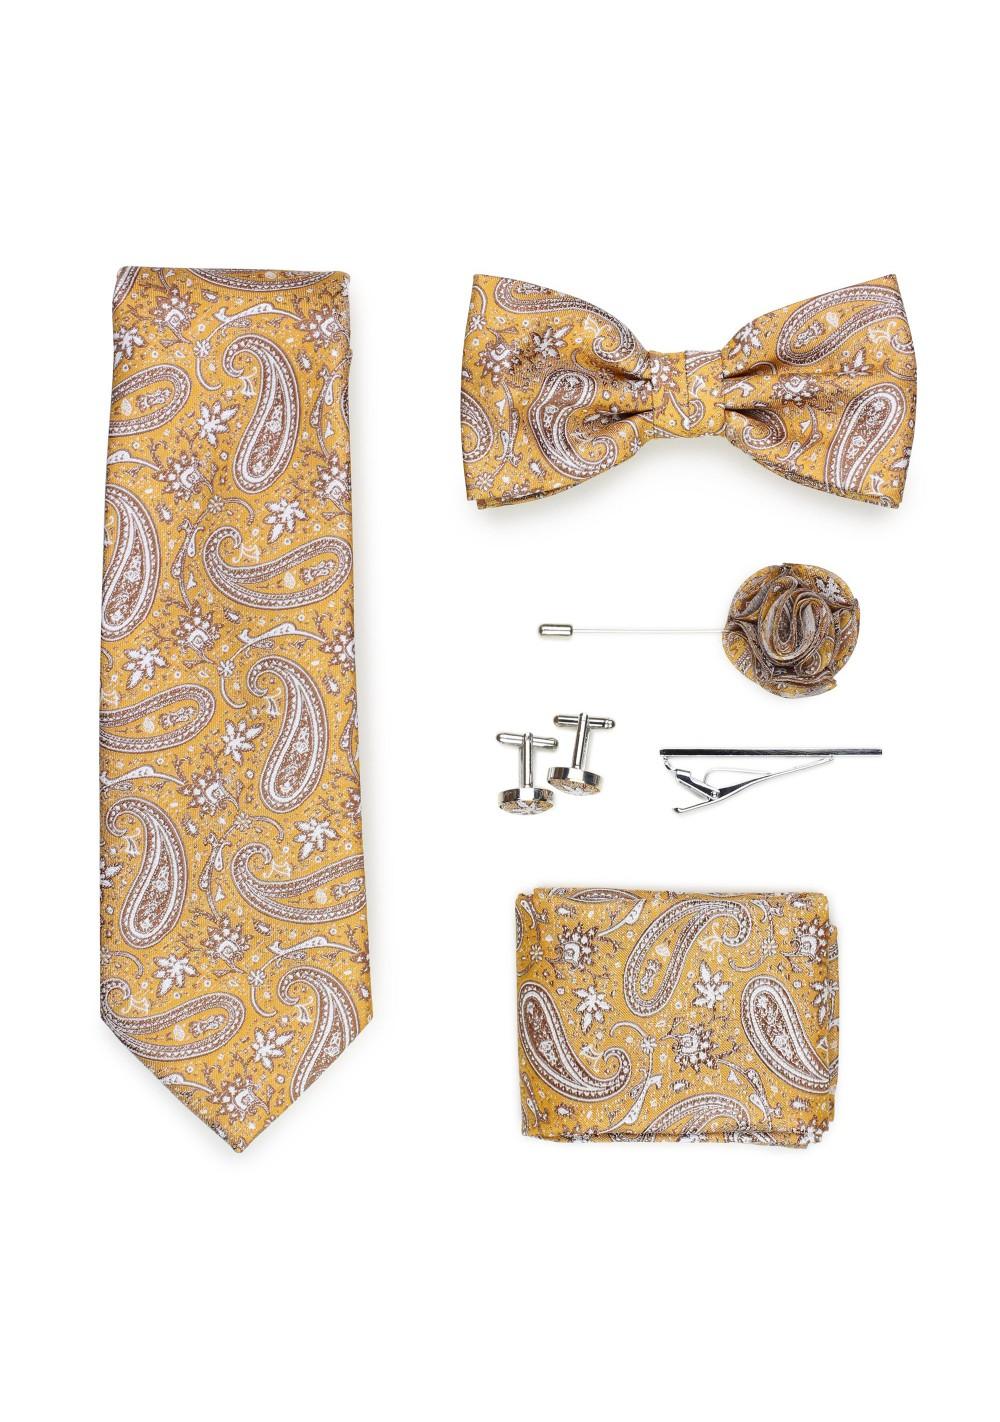 golden paisley necktie gift set